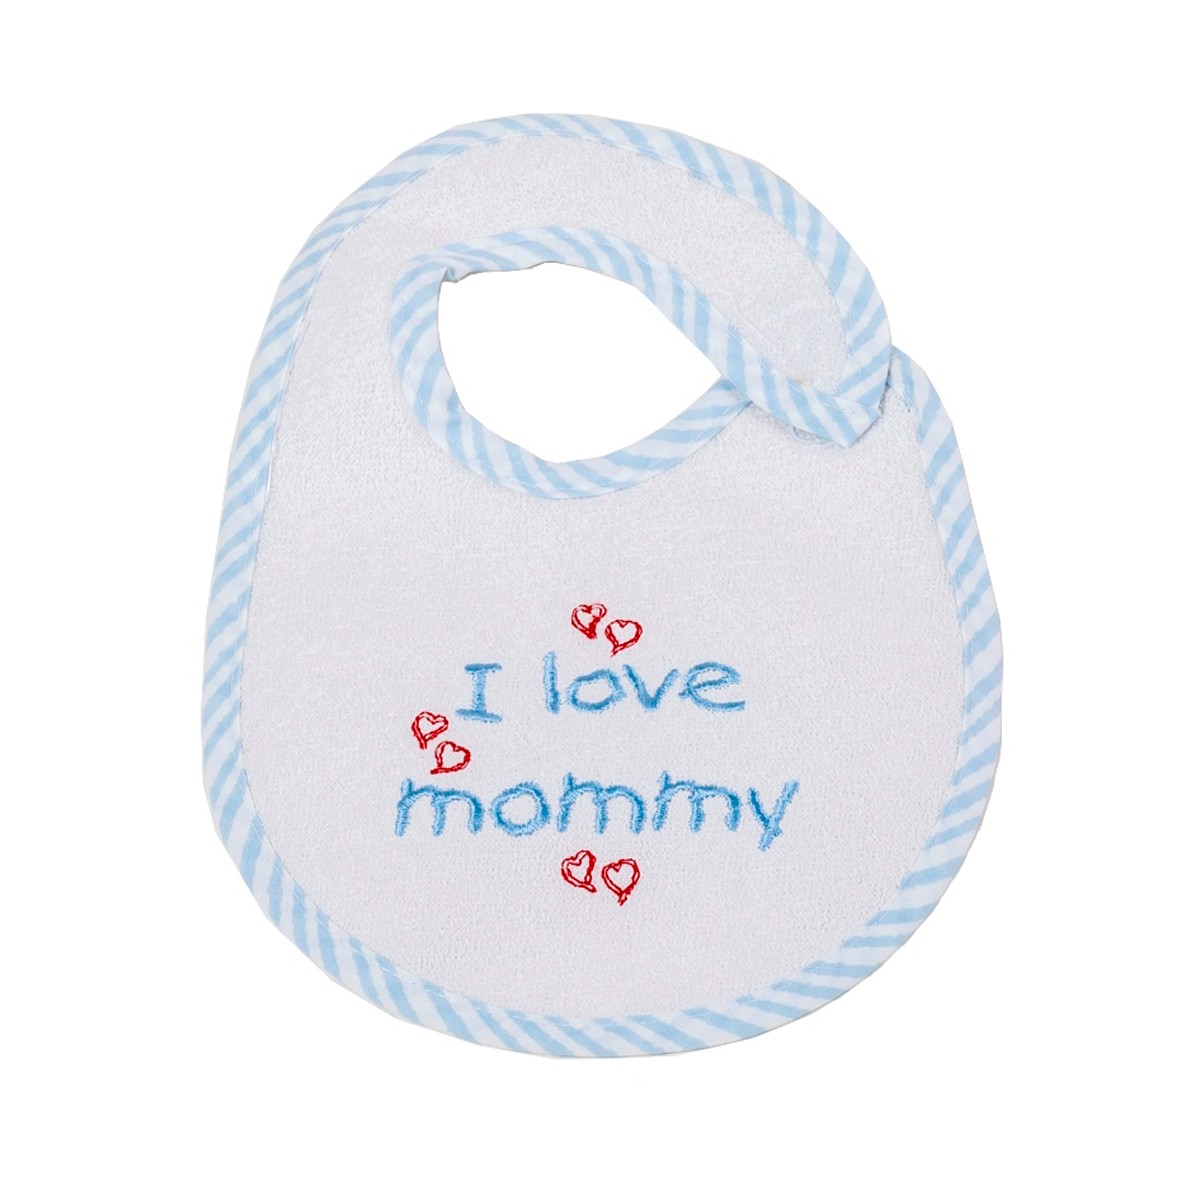 Σαλιάρα Μικρή Κόσμος Του Μωρού 0606 Mommy Σιέλ 74650